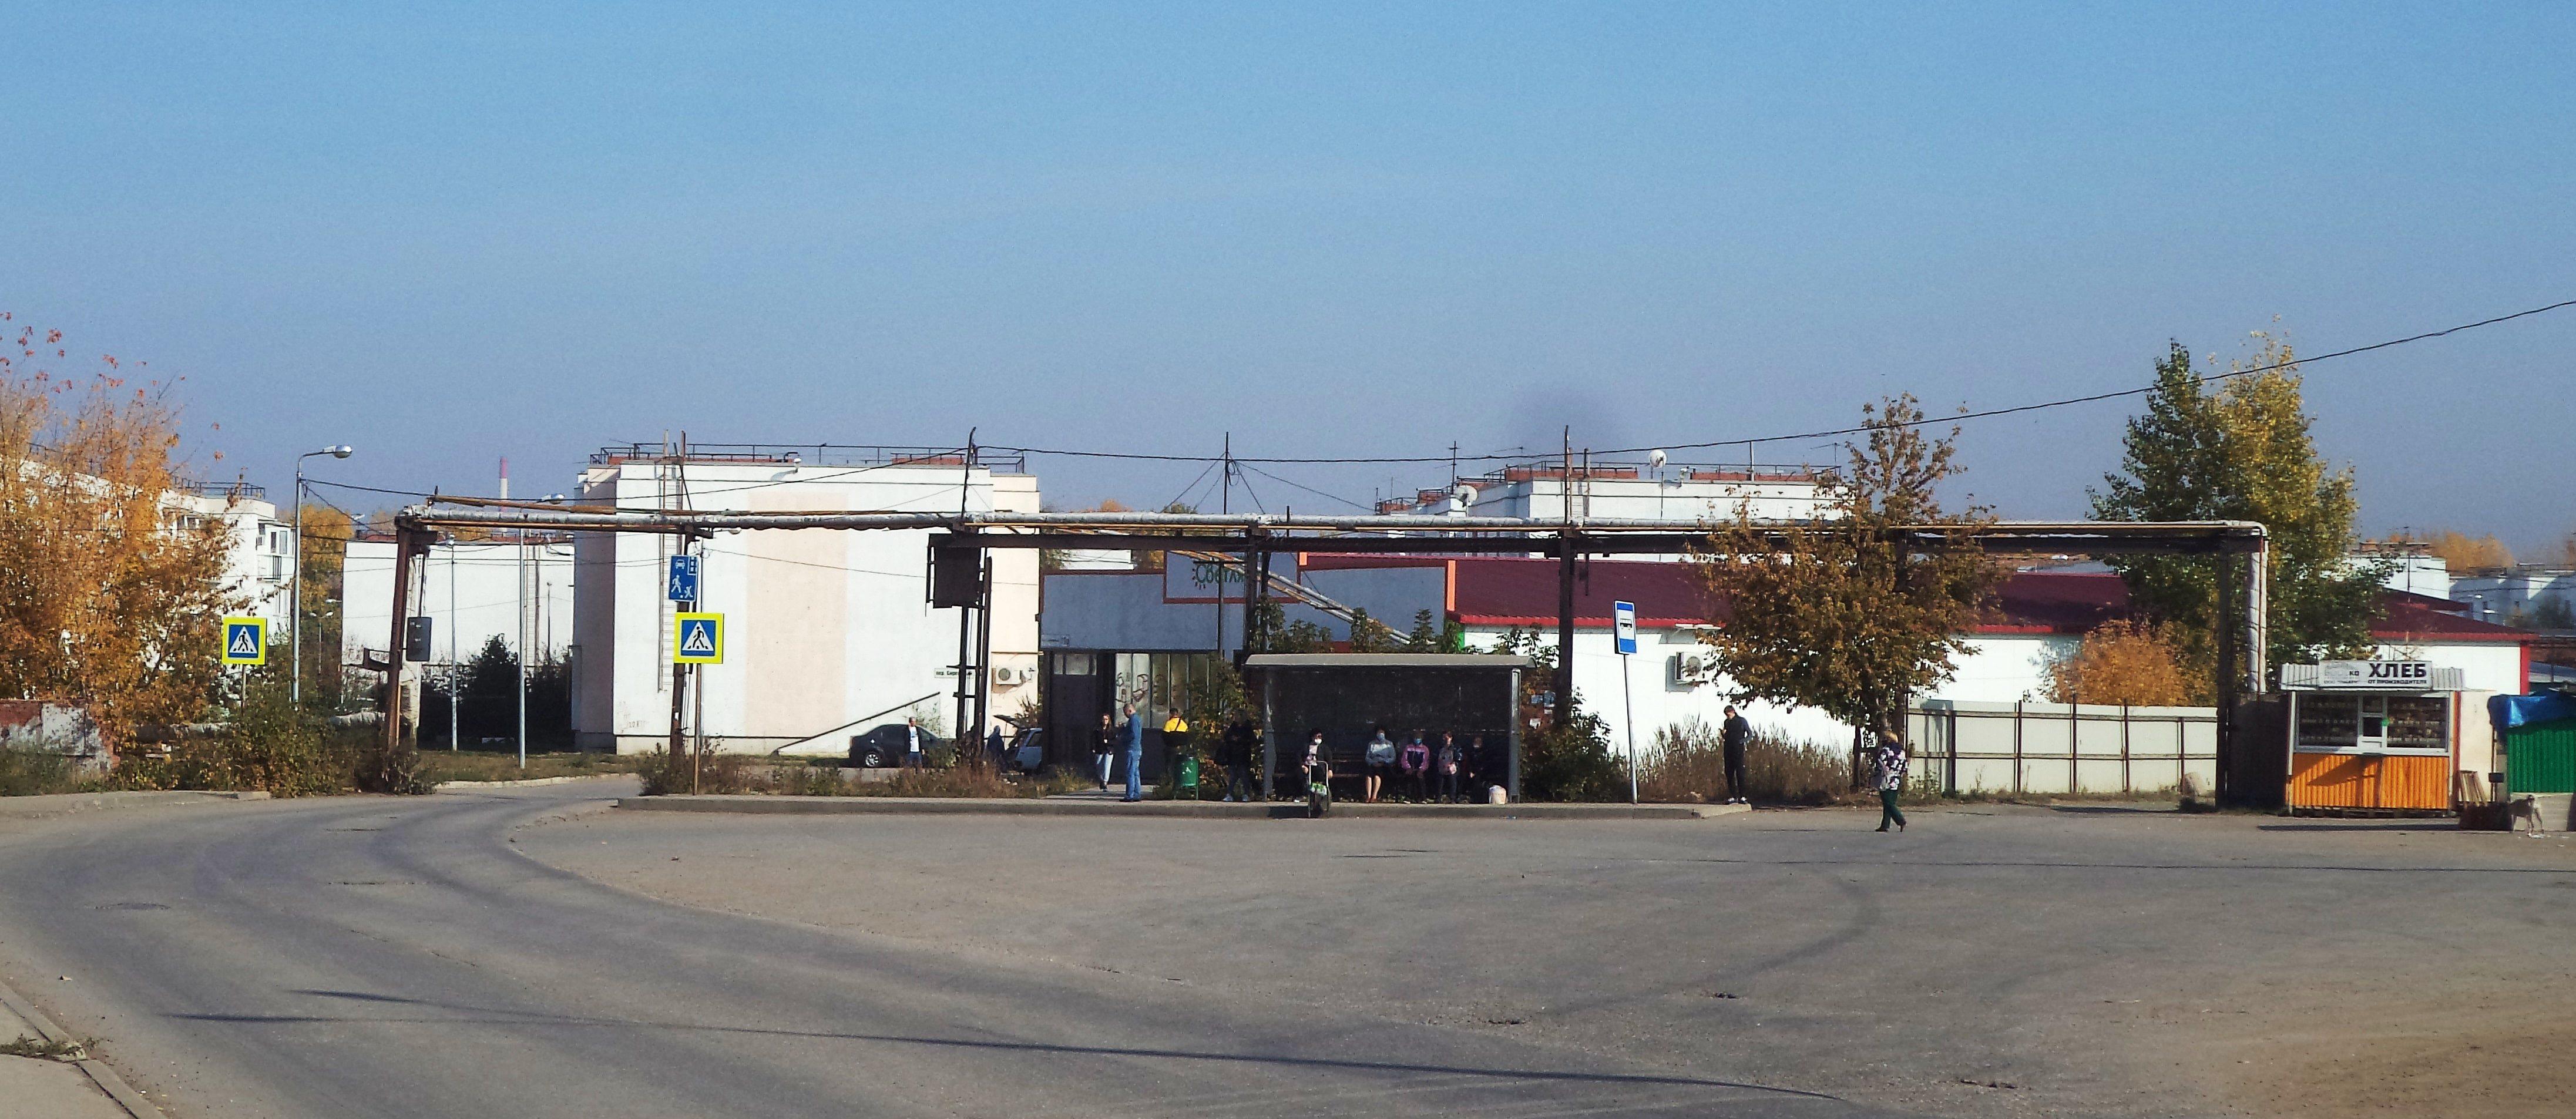 Супермаркет поселка Кирзавод-6